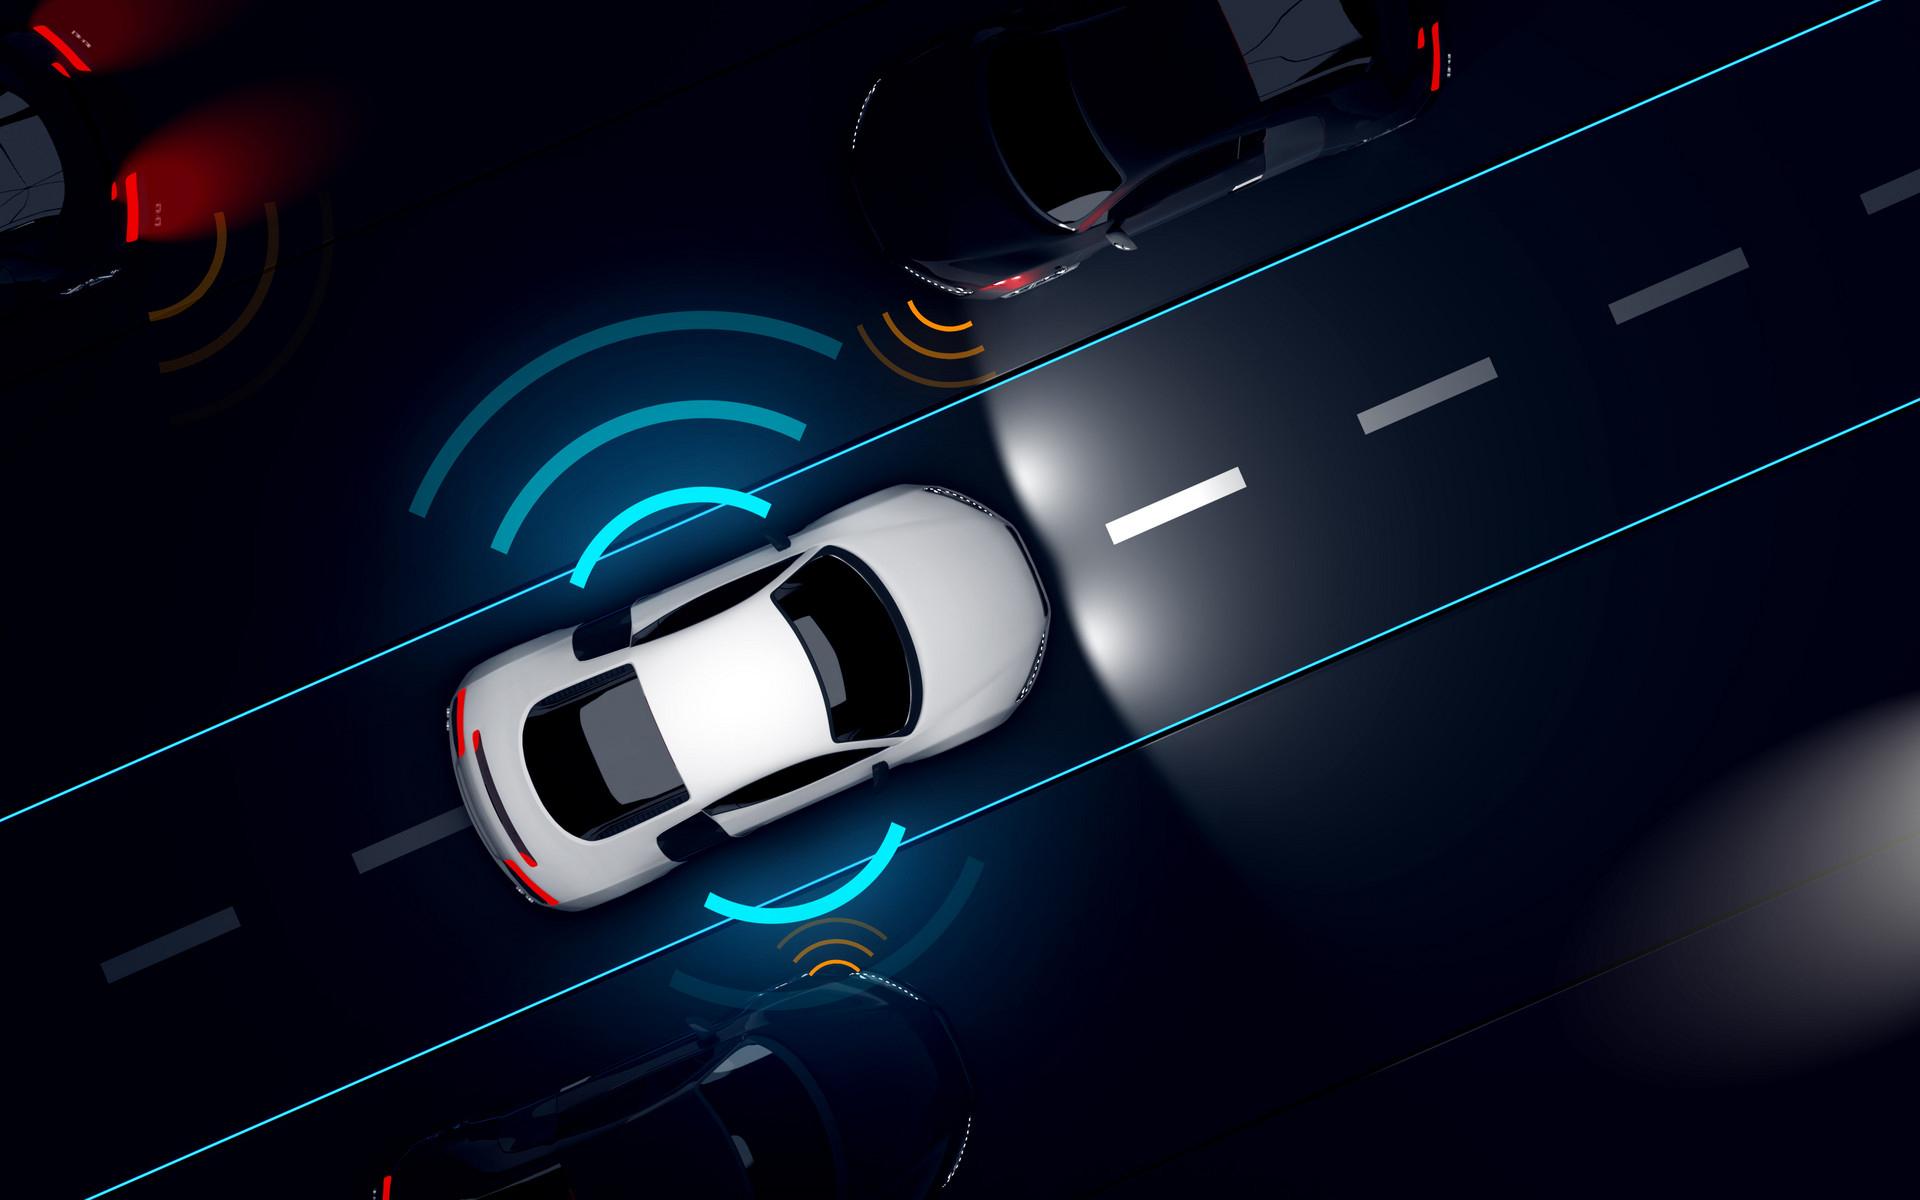 光辉代理自动驾驶的争议与未来,北斗专家如何看?